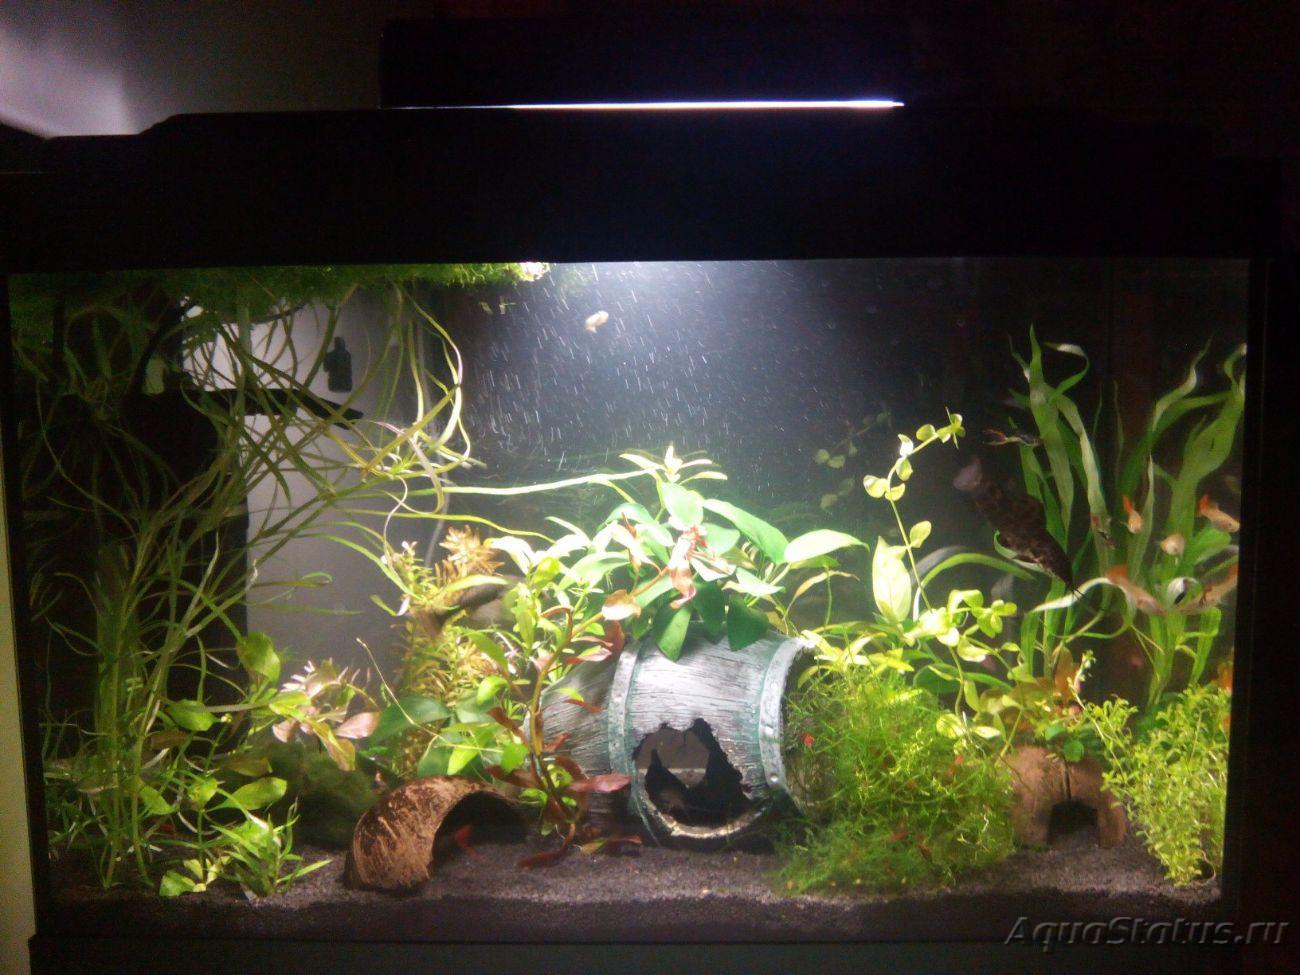 Как сделать воду в аквариуме мягче фото 584